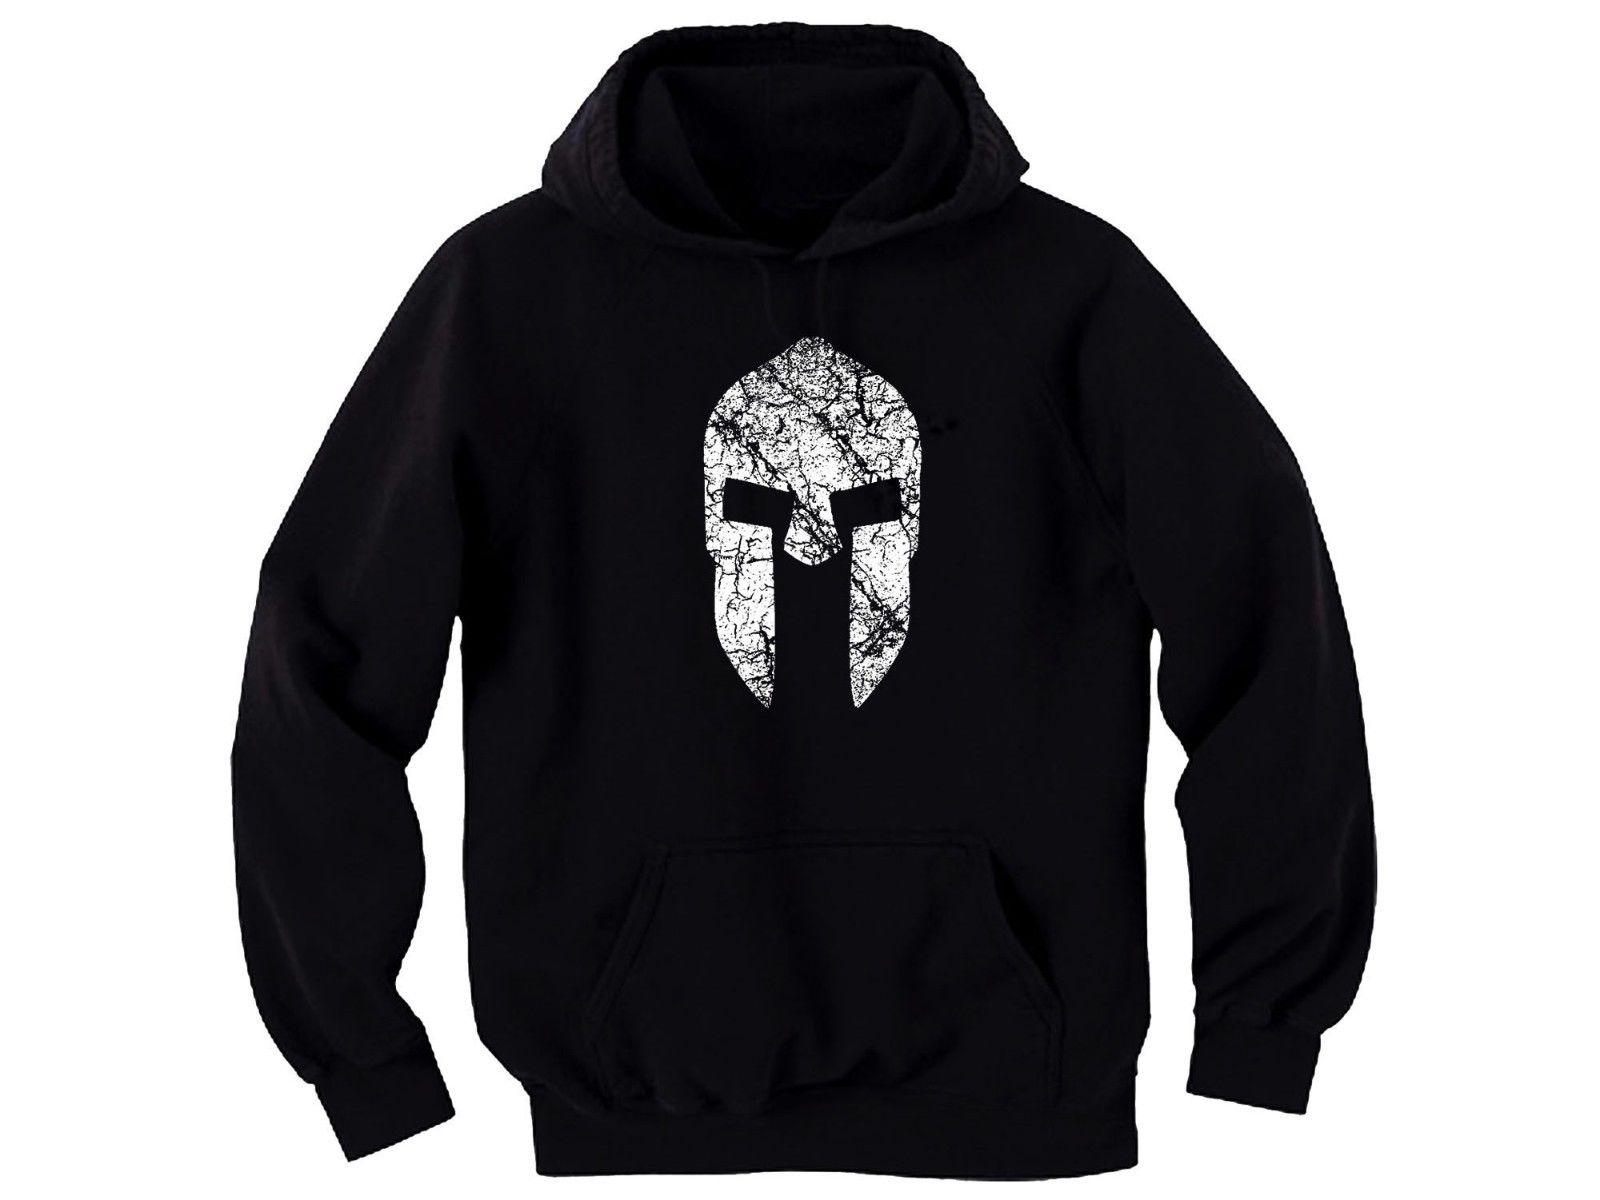 Men's Clothing Spartan Warrior Helmet Distressed Look Customized Black Graphic Hoodie